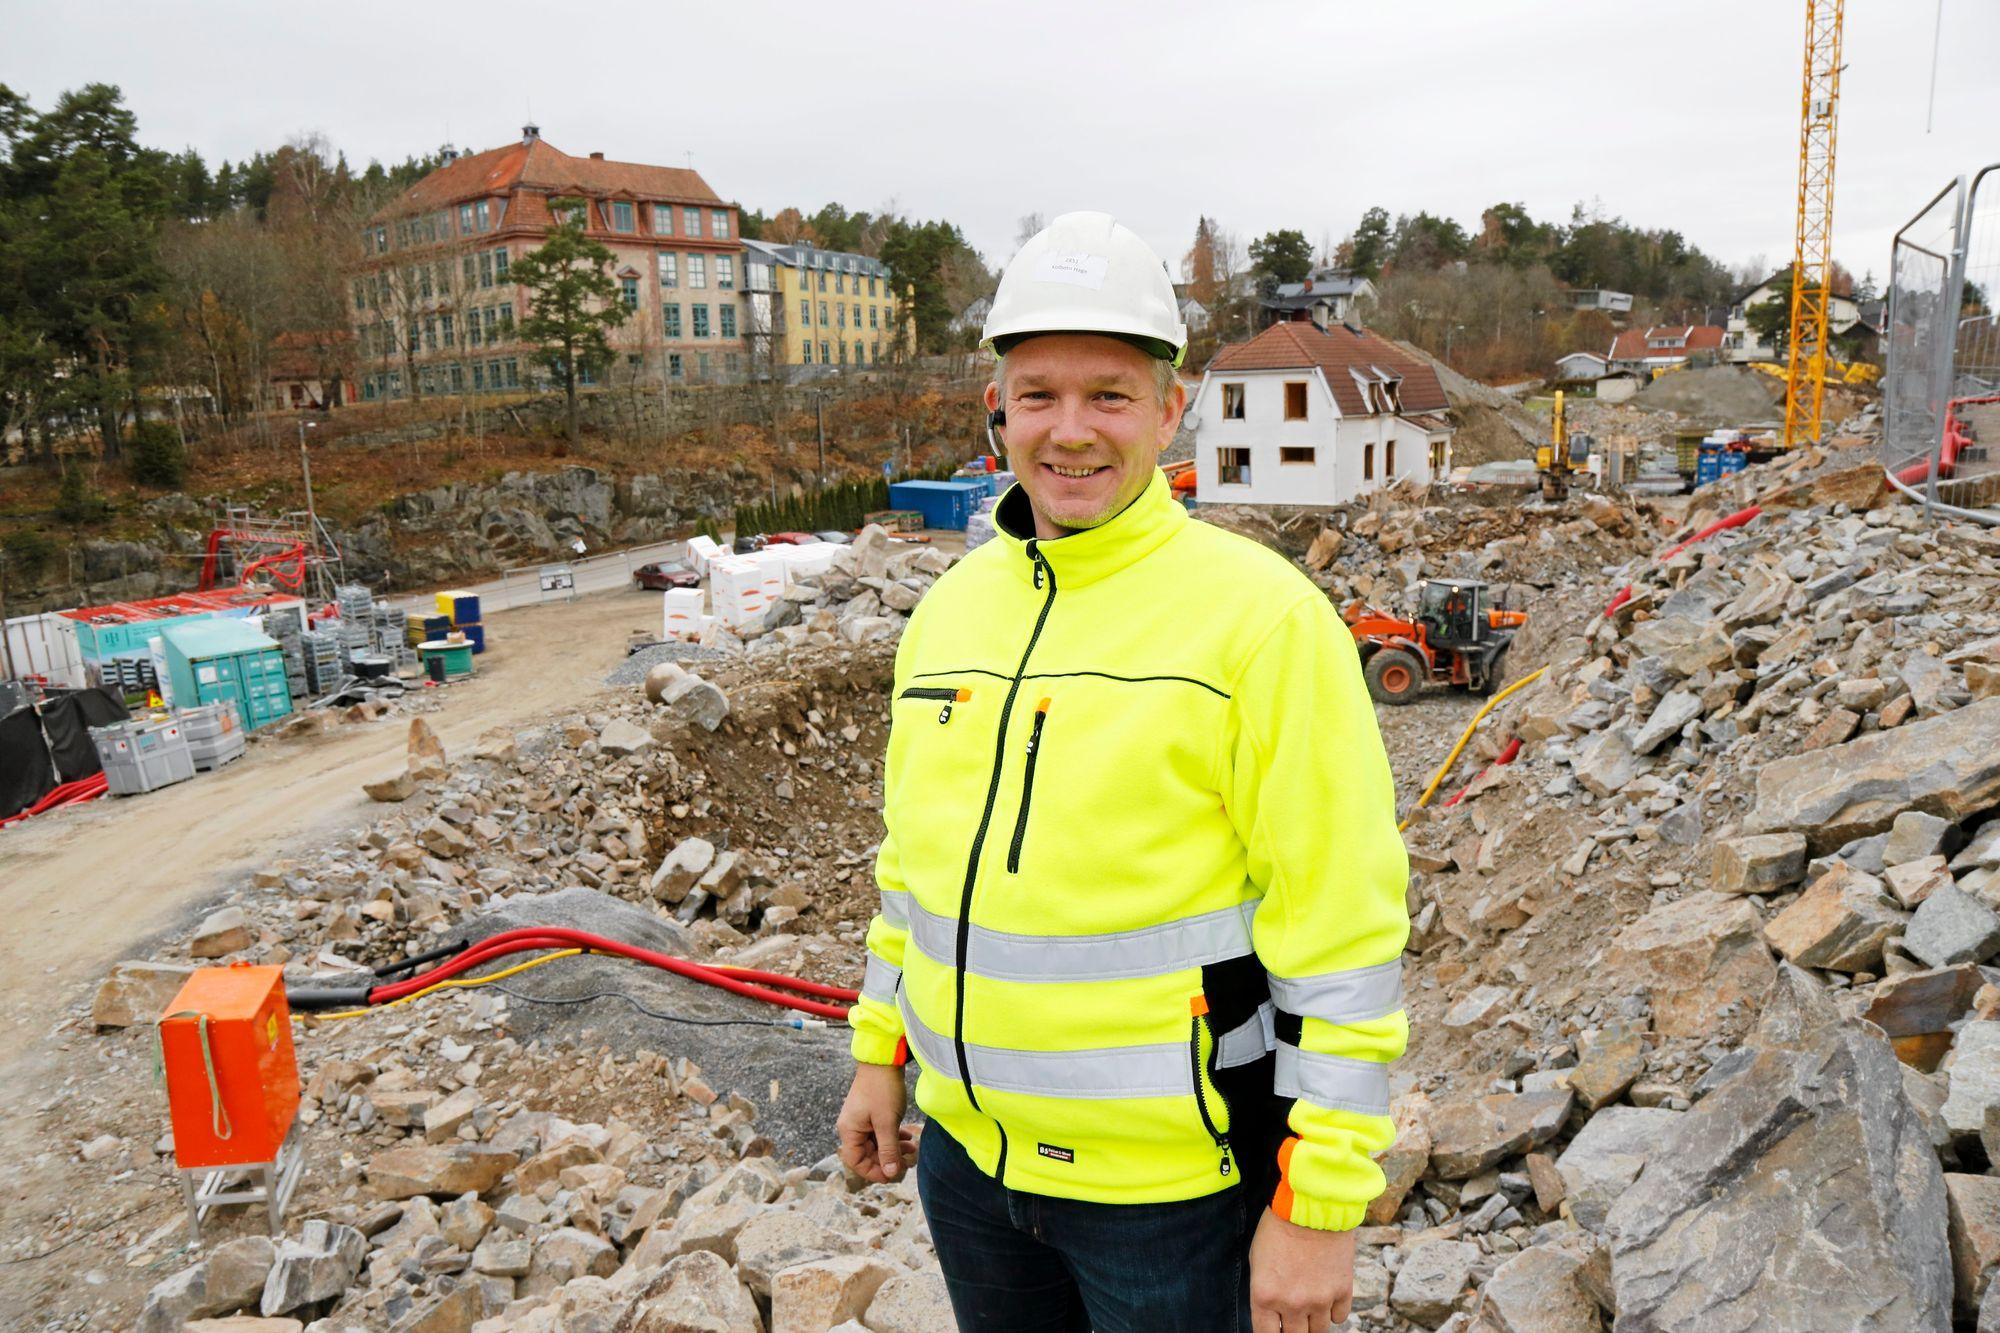 NYTT KRYSS: Rune Romsdal i Morten Gultvedt Entreprenør AS viser prosjekttegningene for Kolbotn Hage og det nye krysset mellom Ormerudveien og Fjellveien (nederst til venstre).Foto: Klaus Eriksen.